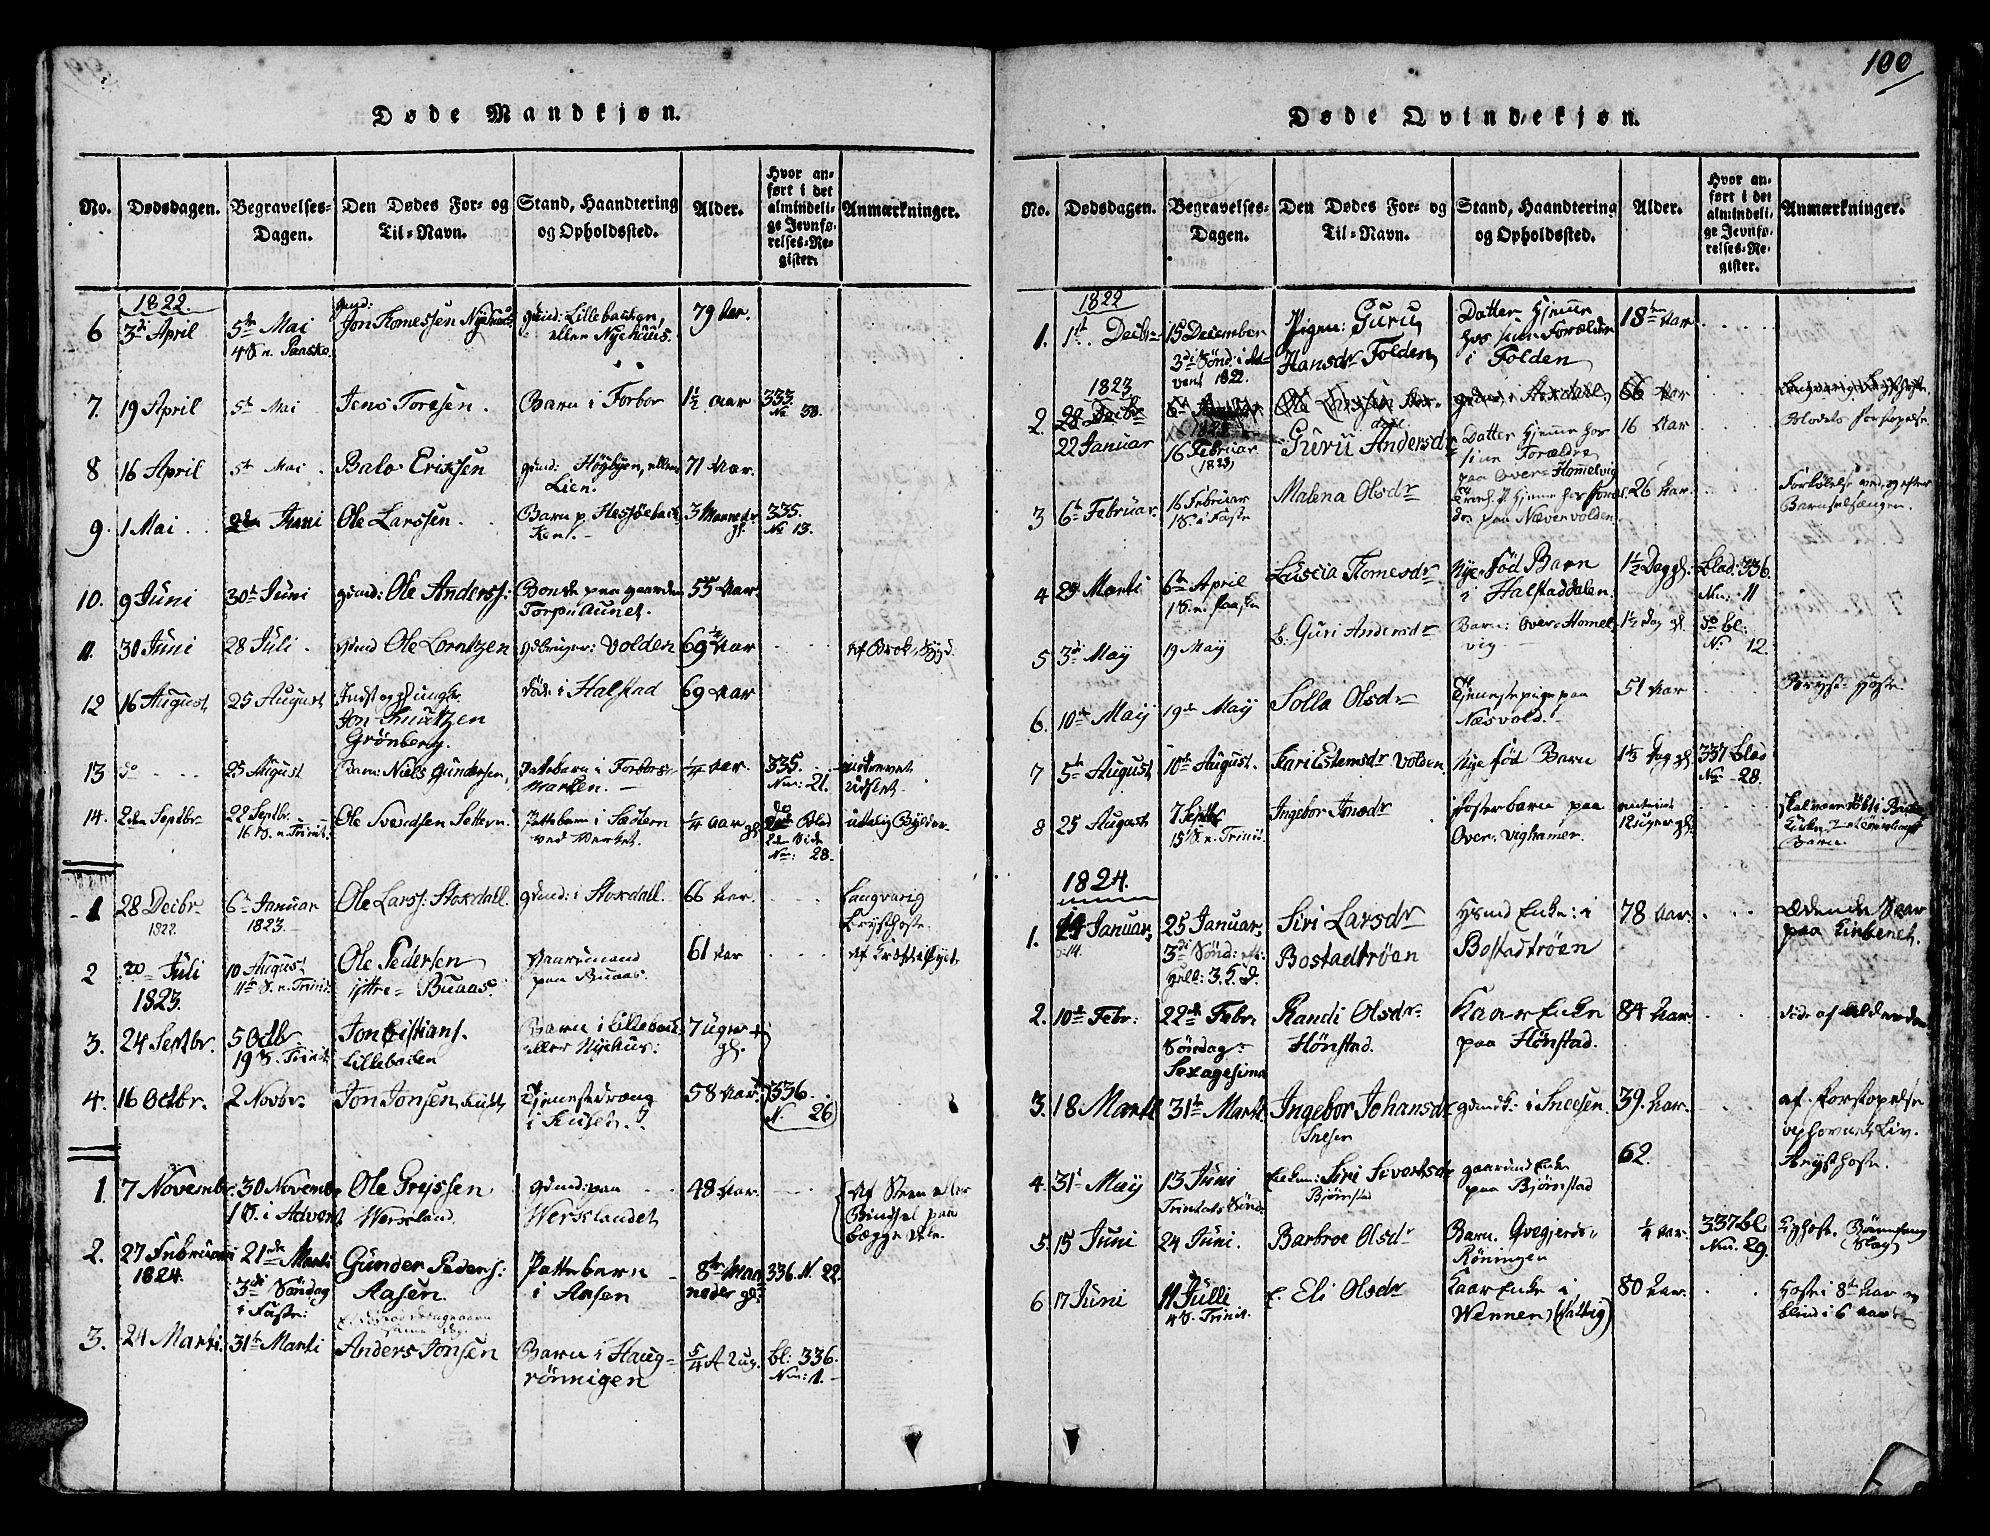 SAT, Ministerialprotokoller, klokkerbøker og fødselsregistre - Sør-Trøndelag, 616/L0420: Klokkerbok nr. 616C03, 1817-1835, s. 100